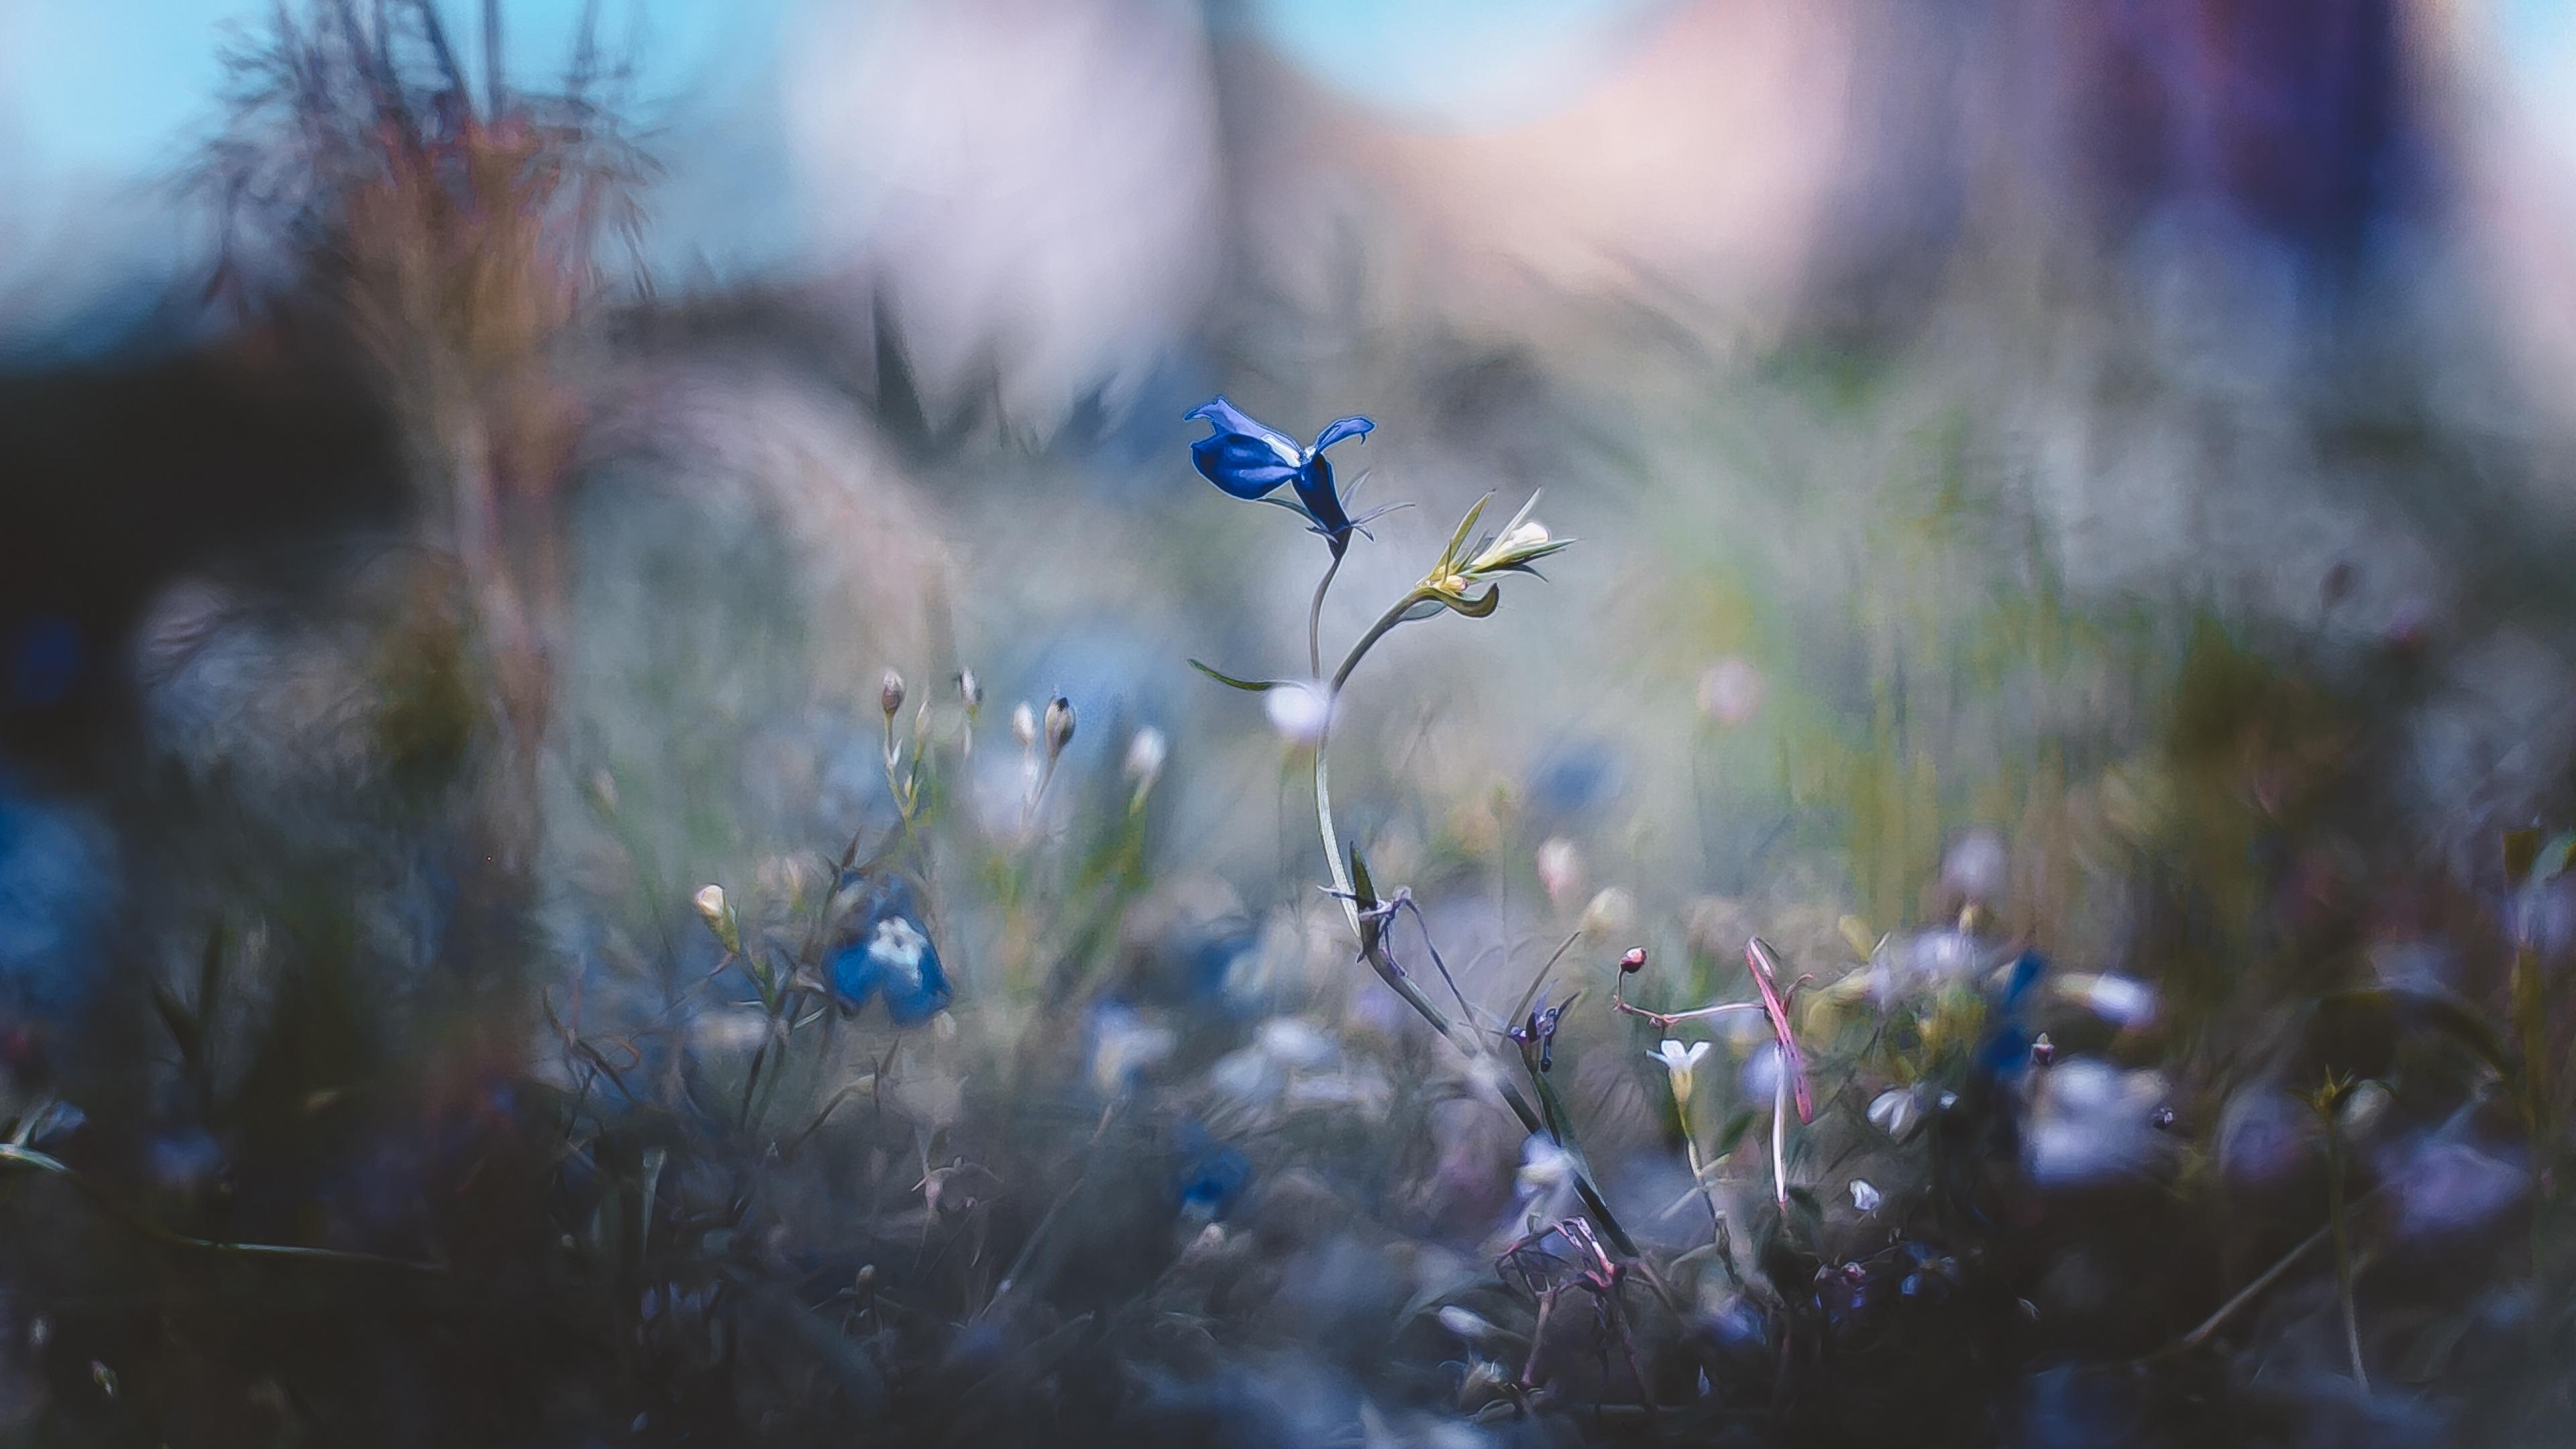 Картинка: цветы, растения, трава, размытость, фильтр, эффект